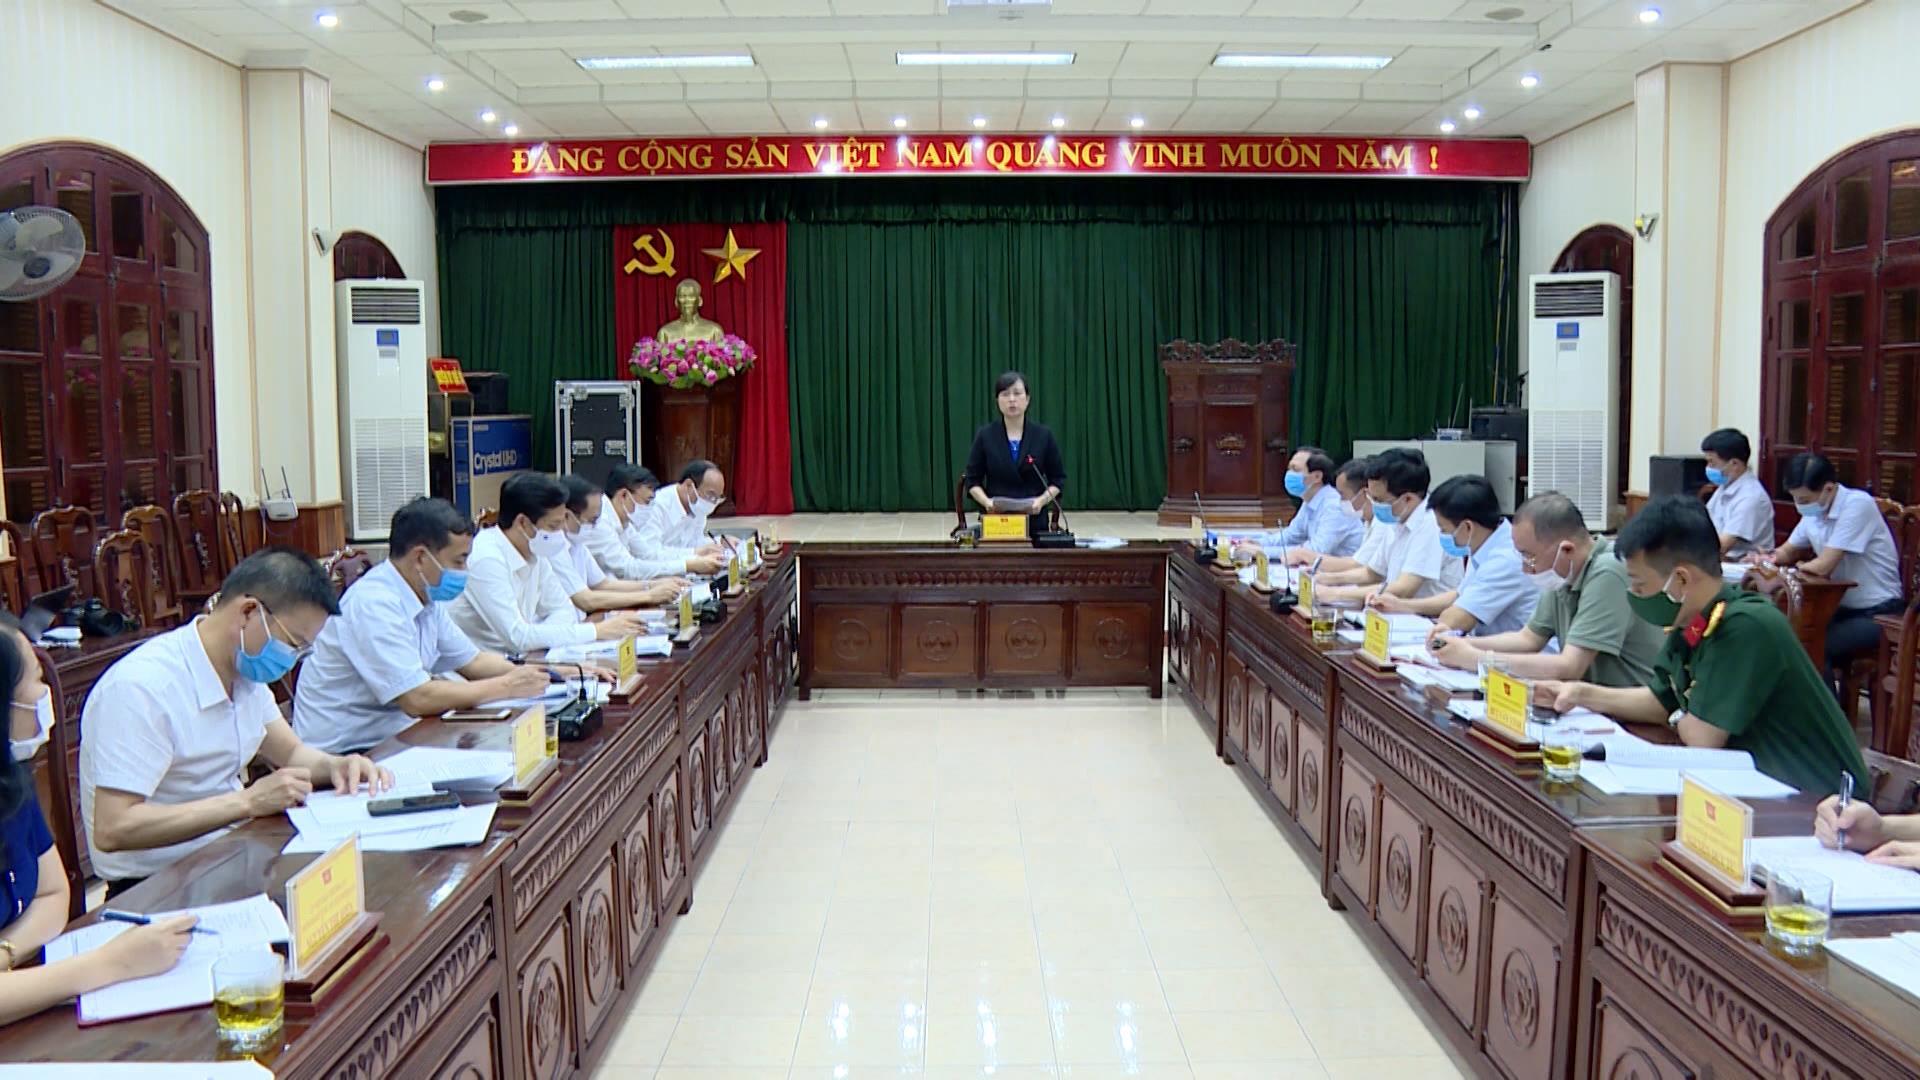 Bí thư Tỉnh ủy Đào Hồng Lan kiểm tra công tác bầu cử tại huyện Quế Võ